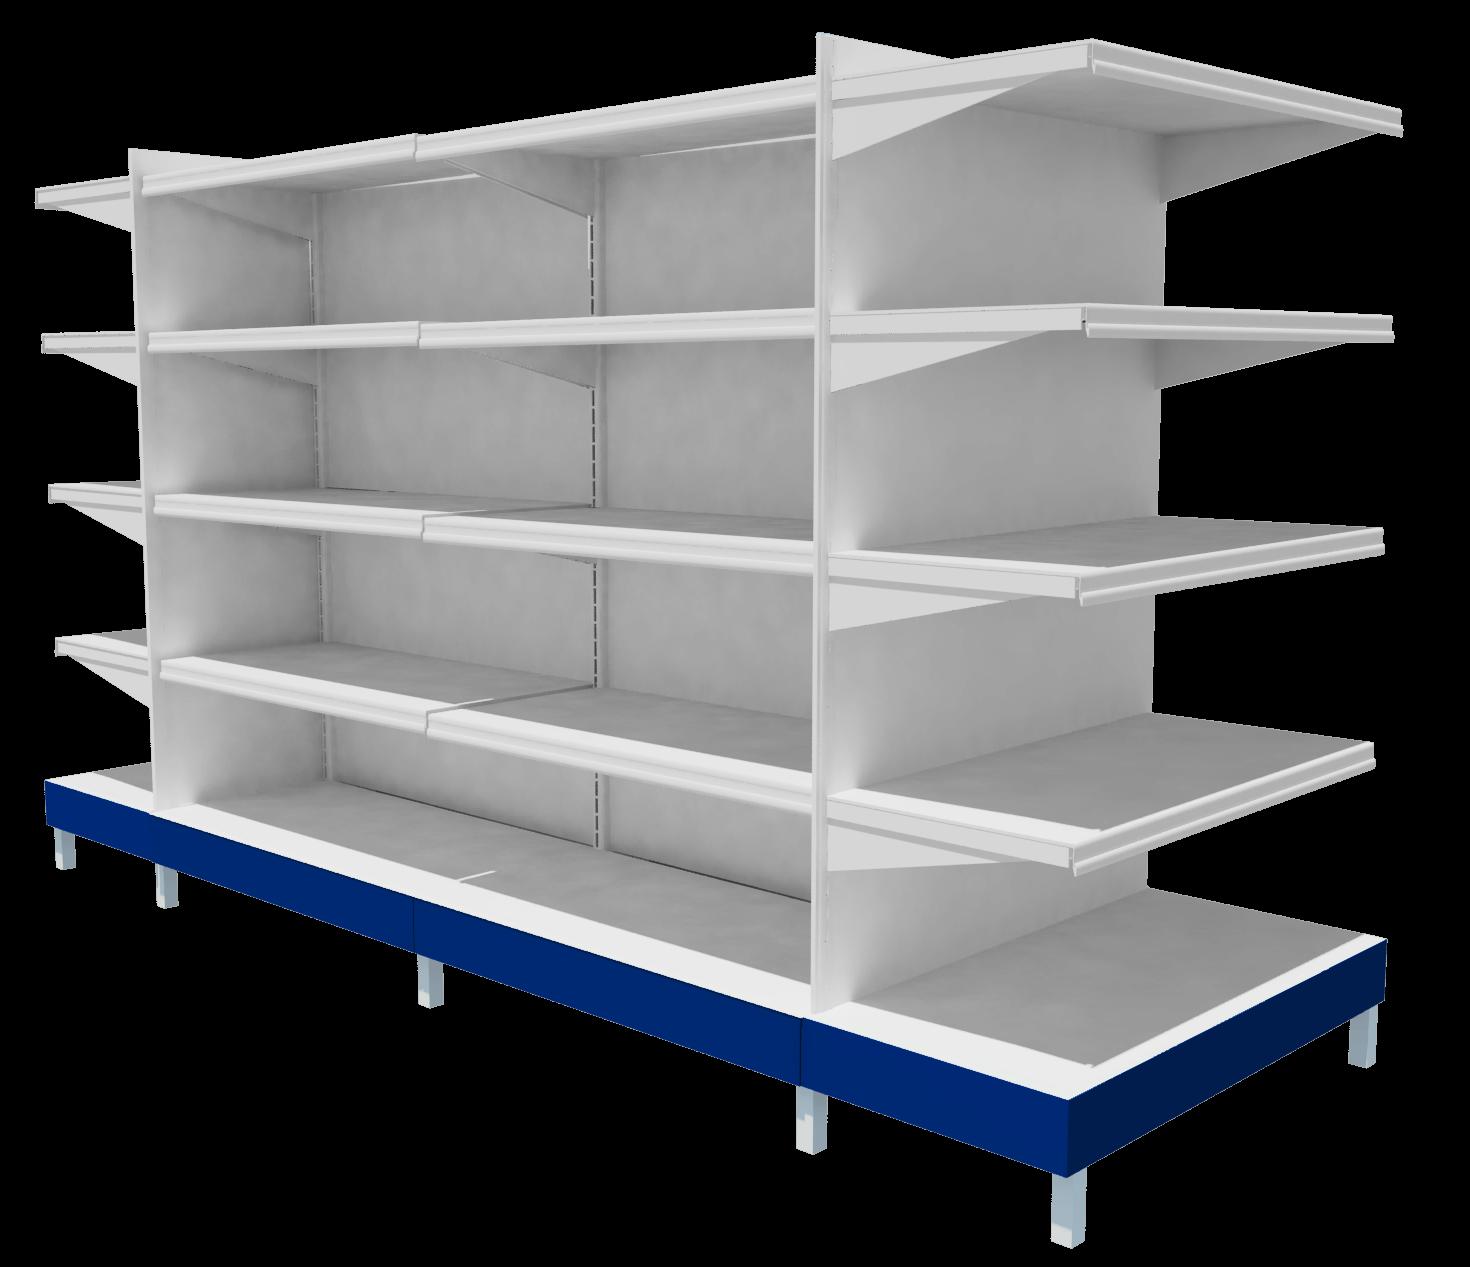 Muebles de tiendas mobiliario de oficina muebles de for Mueble vector